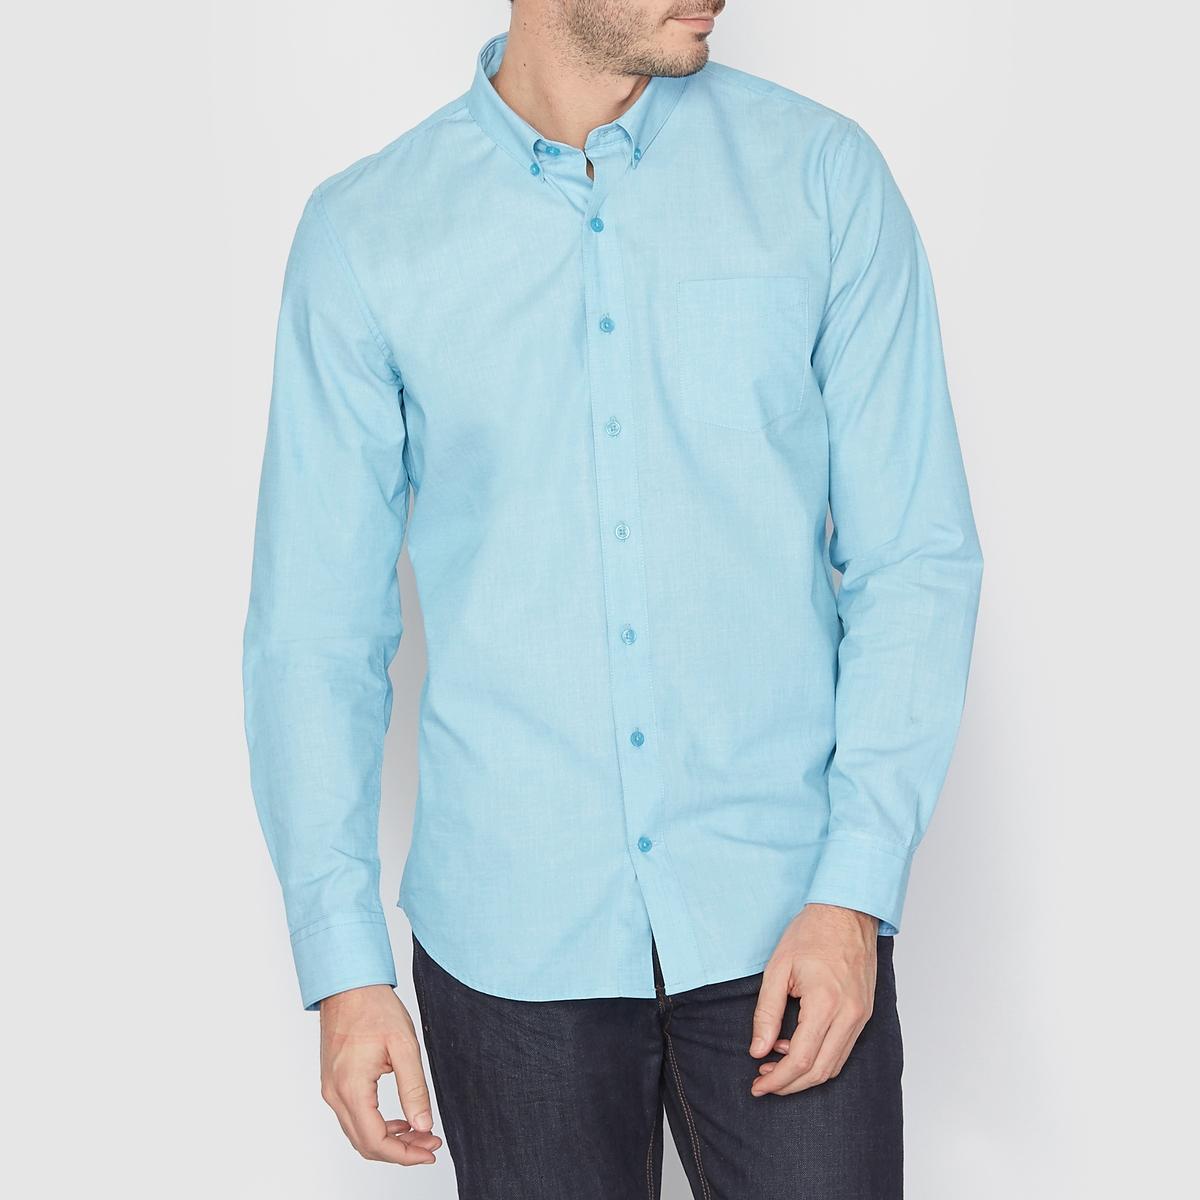 Рубашка прямого покроя с длинными рукавами на пуговицахРубашка с длинными рукавами. Прямой покрой, уголки воротника на пуговицах. Нагрудный карман. Закругленный низ. Длина 77,5 см. Рубашка из 100% хлопка<br><br>Цвет: голубой бирюзовый<br>Размер: 43/44